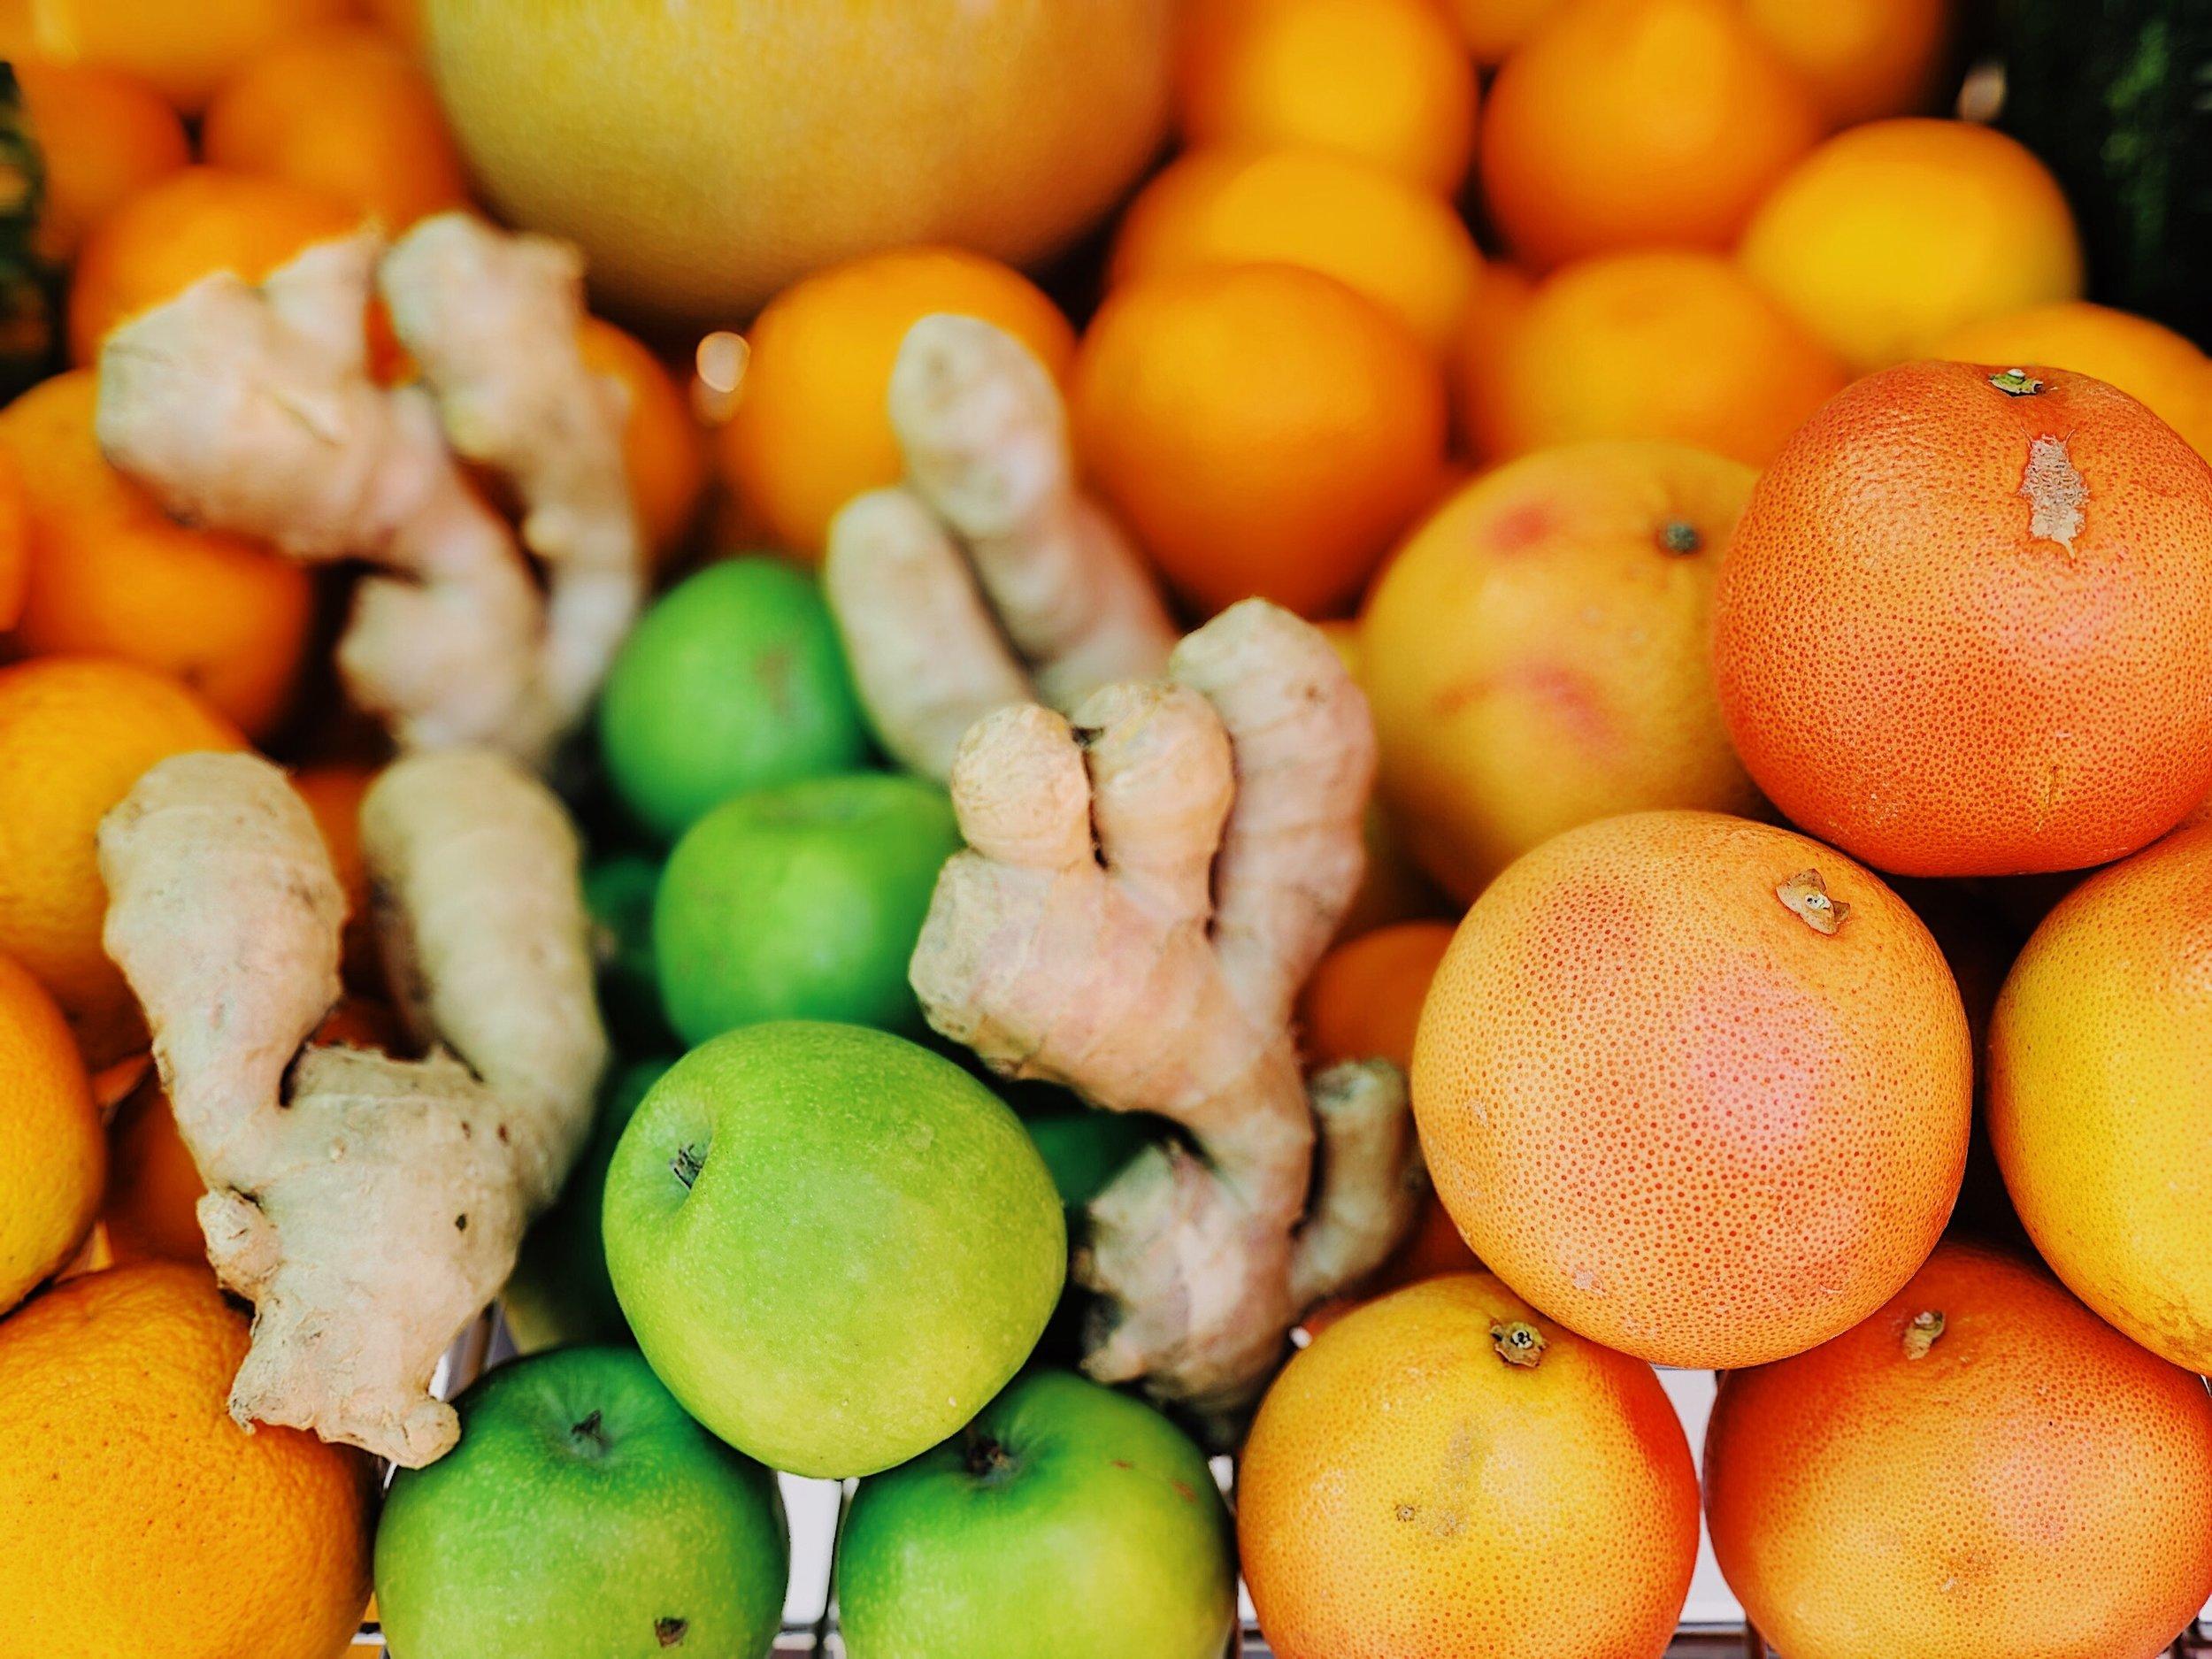 citrus-close-up-delicious-1208208.jpg